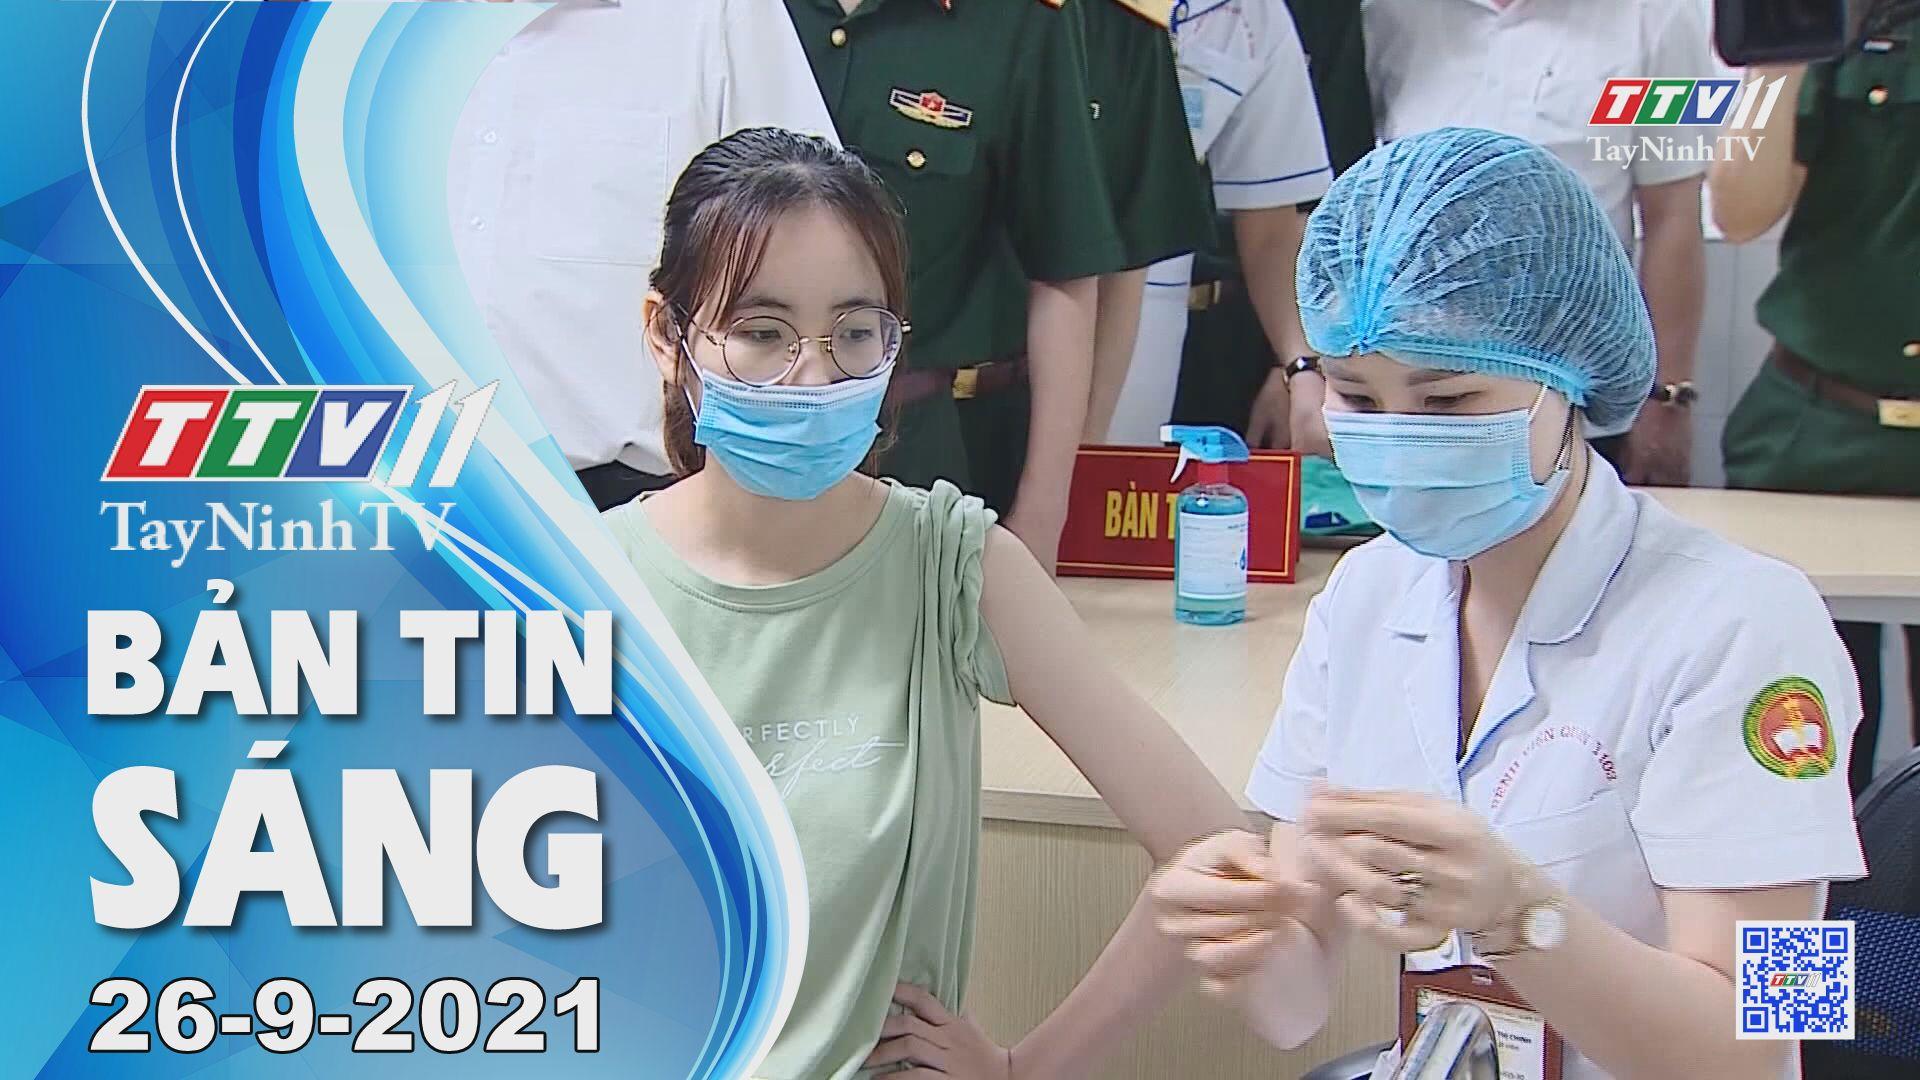 Bản tin sáng 26/9/2021 | Tin tức hôm nay | TayNinhTV